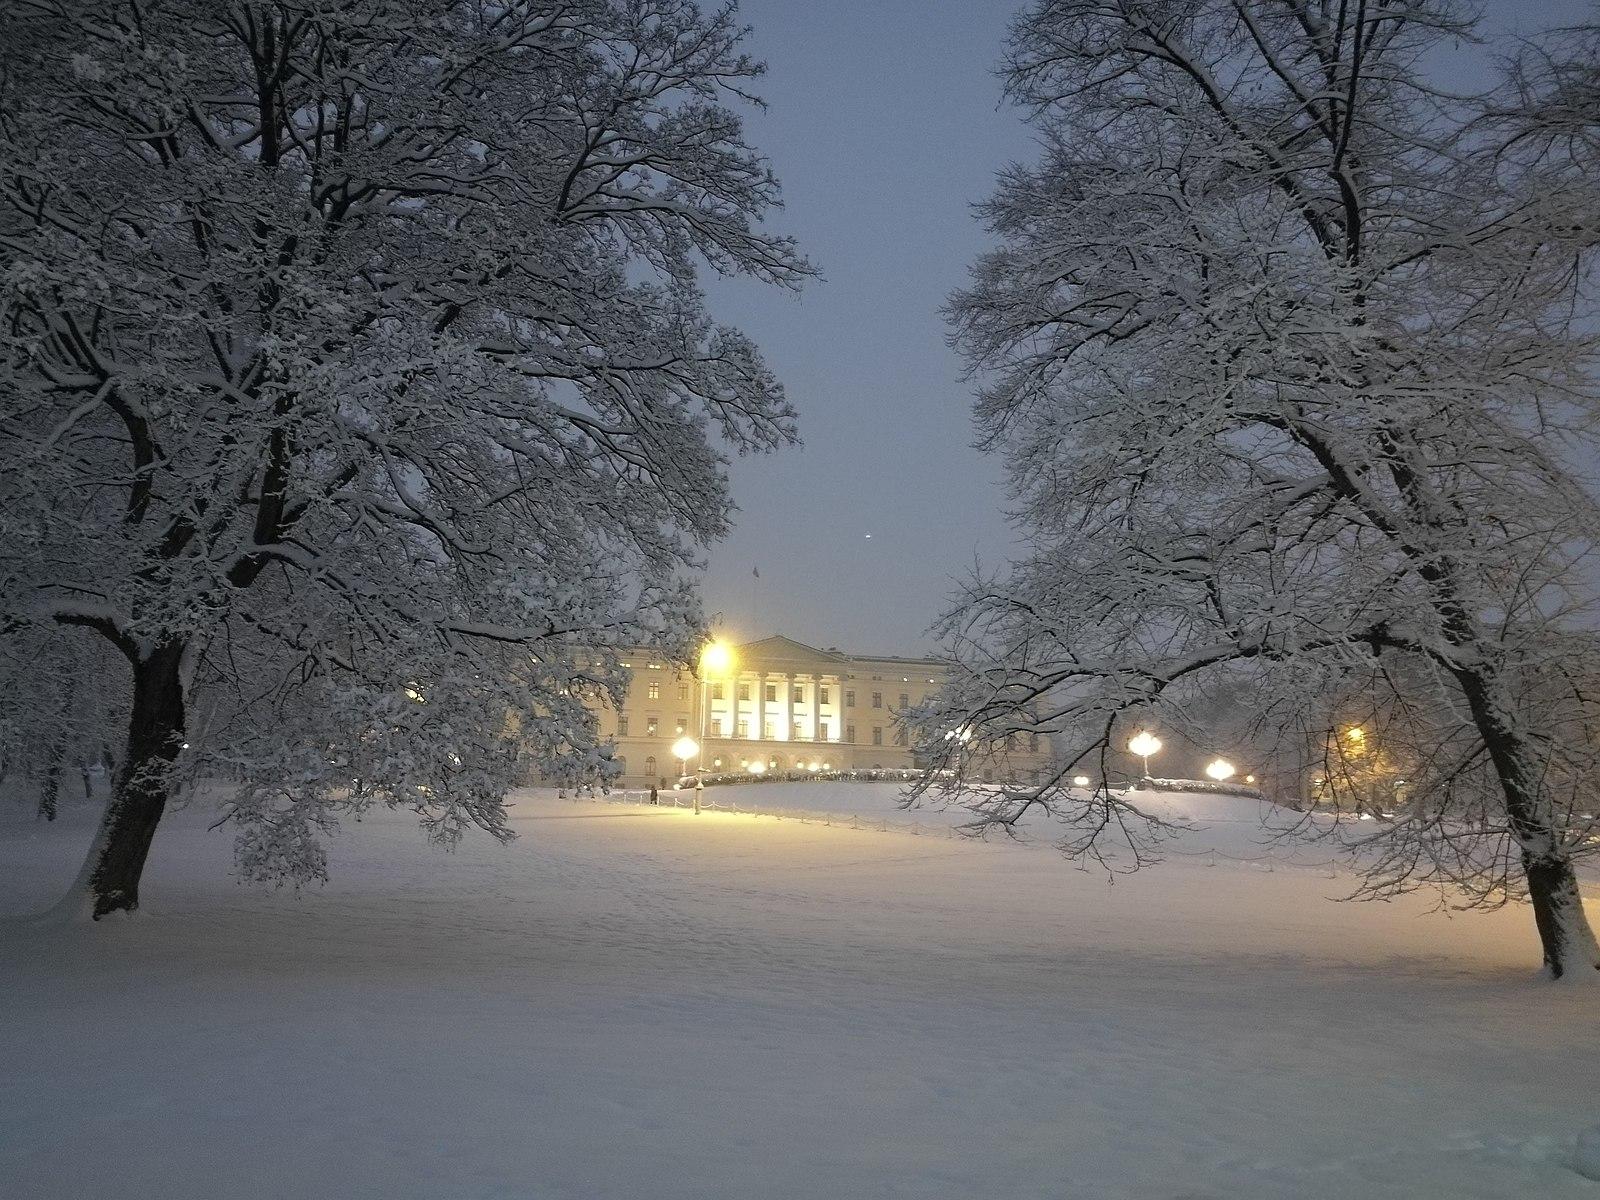 Slottet en vinternatt. Fotograf: Alena Pecherskaia